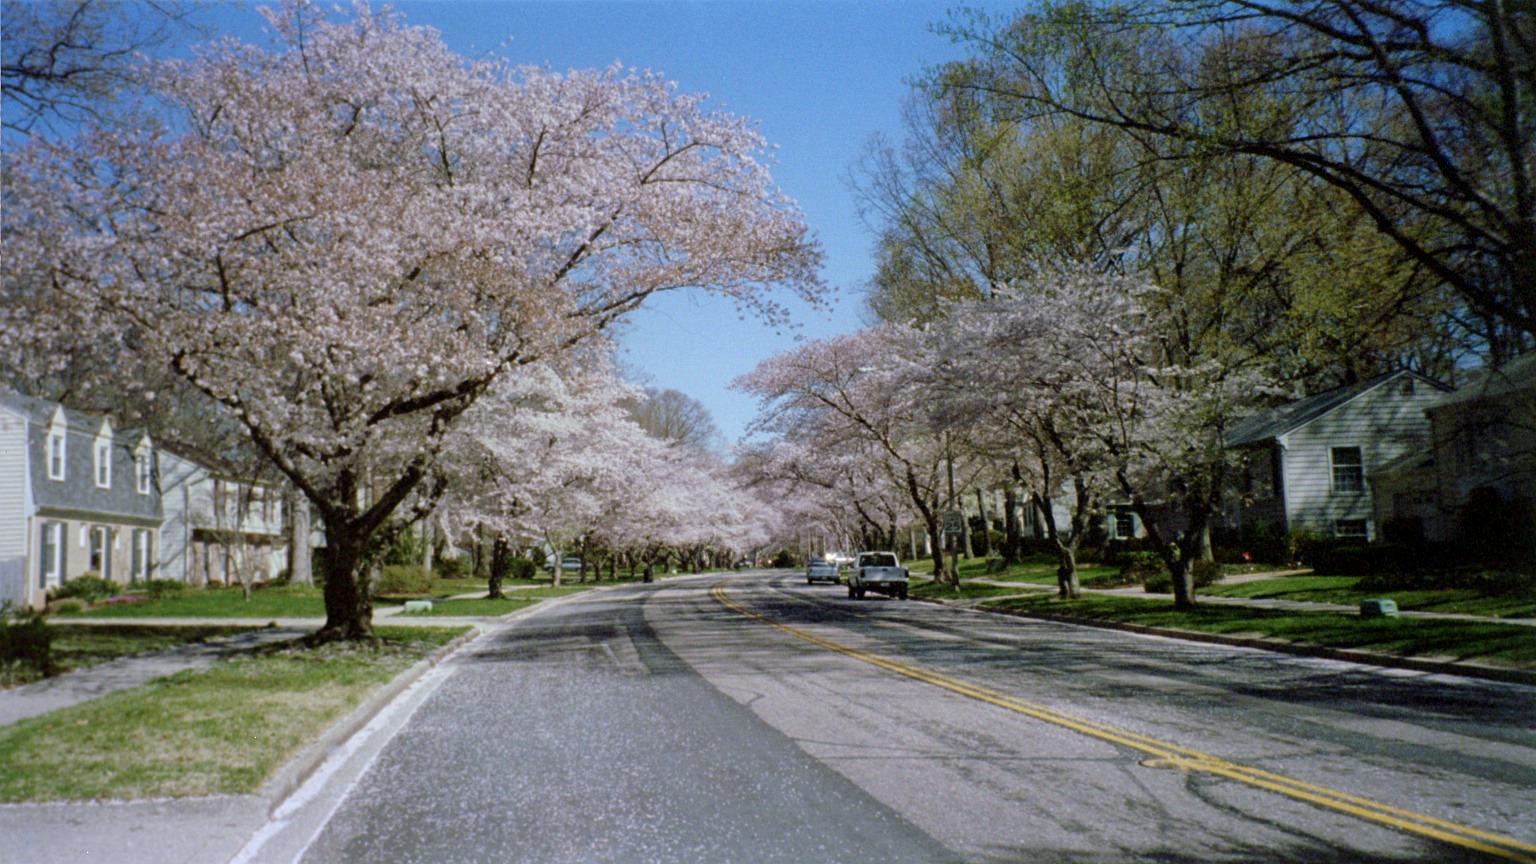 Crofton - Anne Arundel County, Maryland